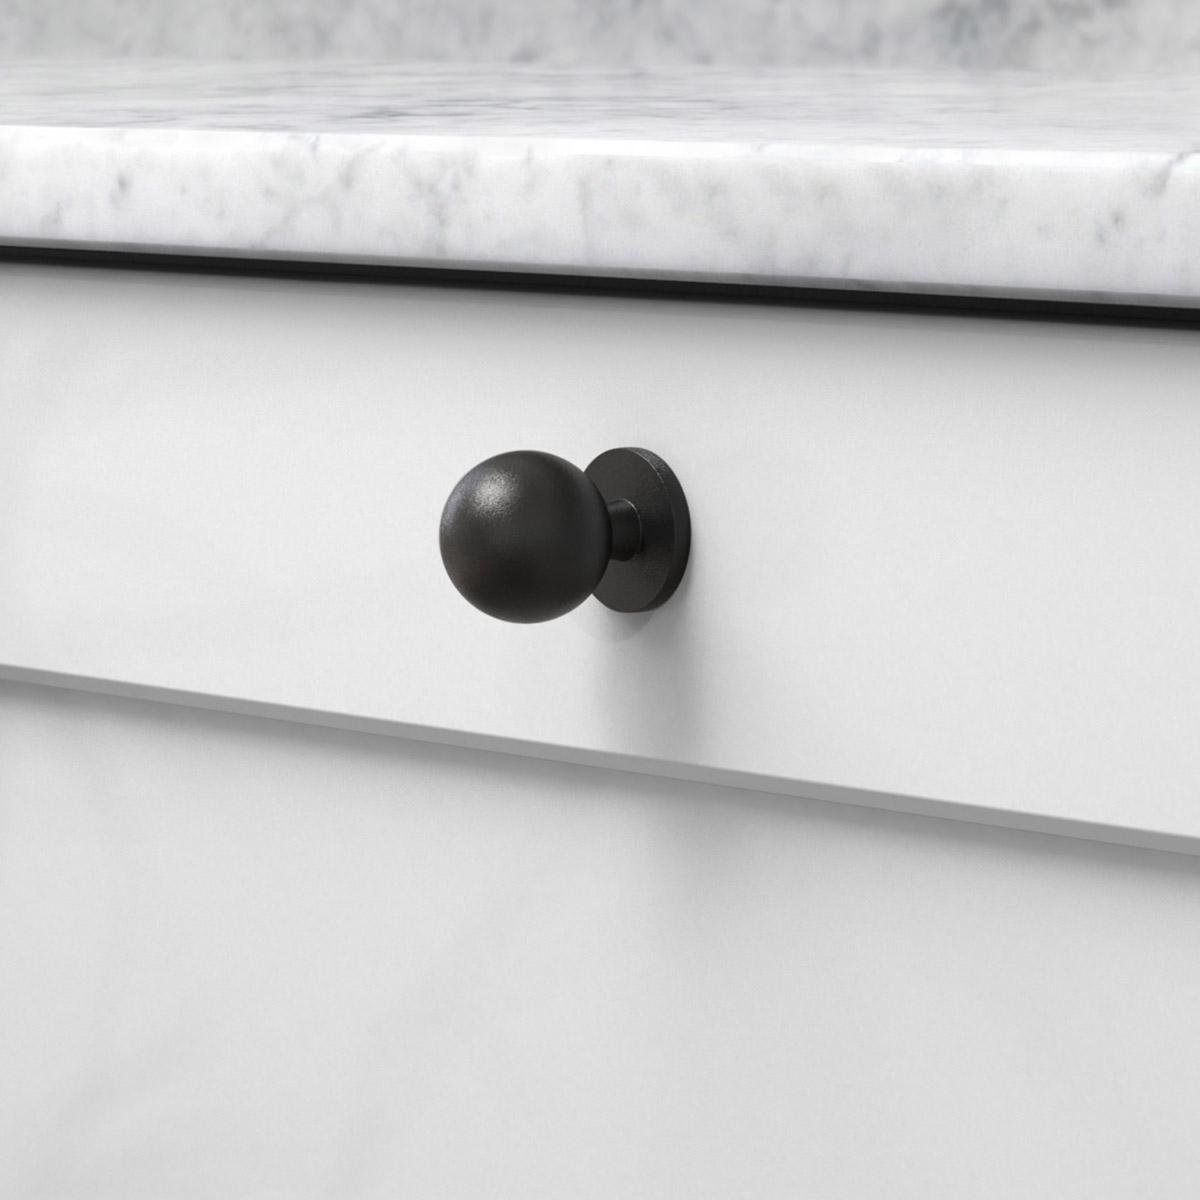 Knopp soliden matt svart 339432 11 25 mm ncs s 3000 n marmor carrara